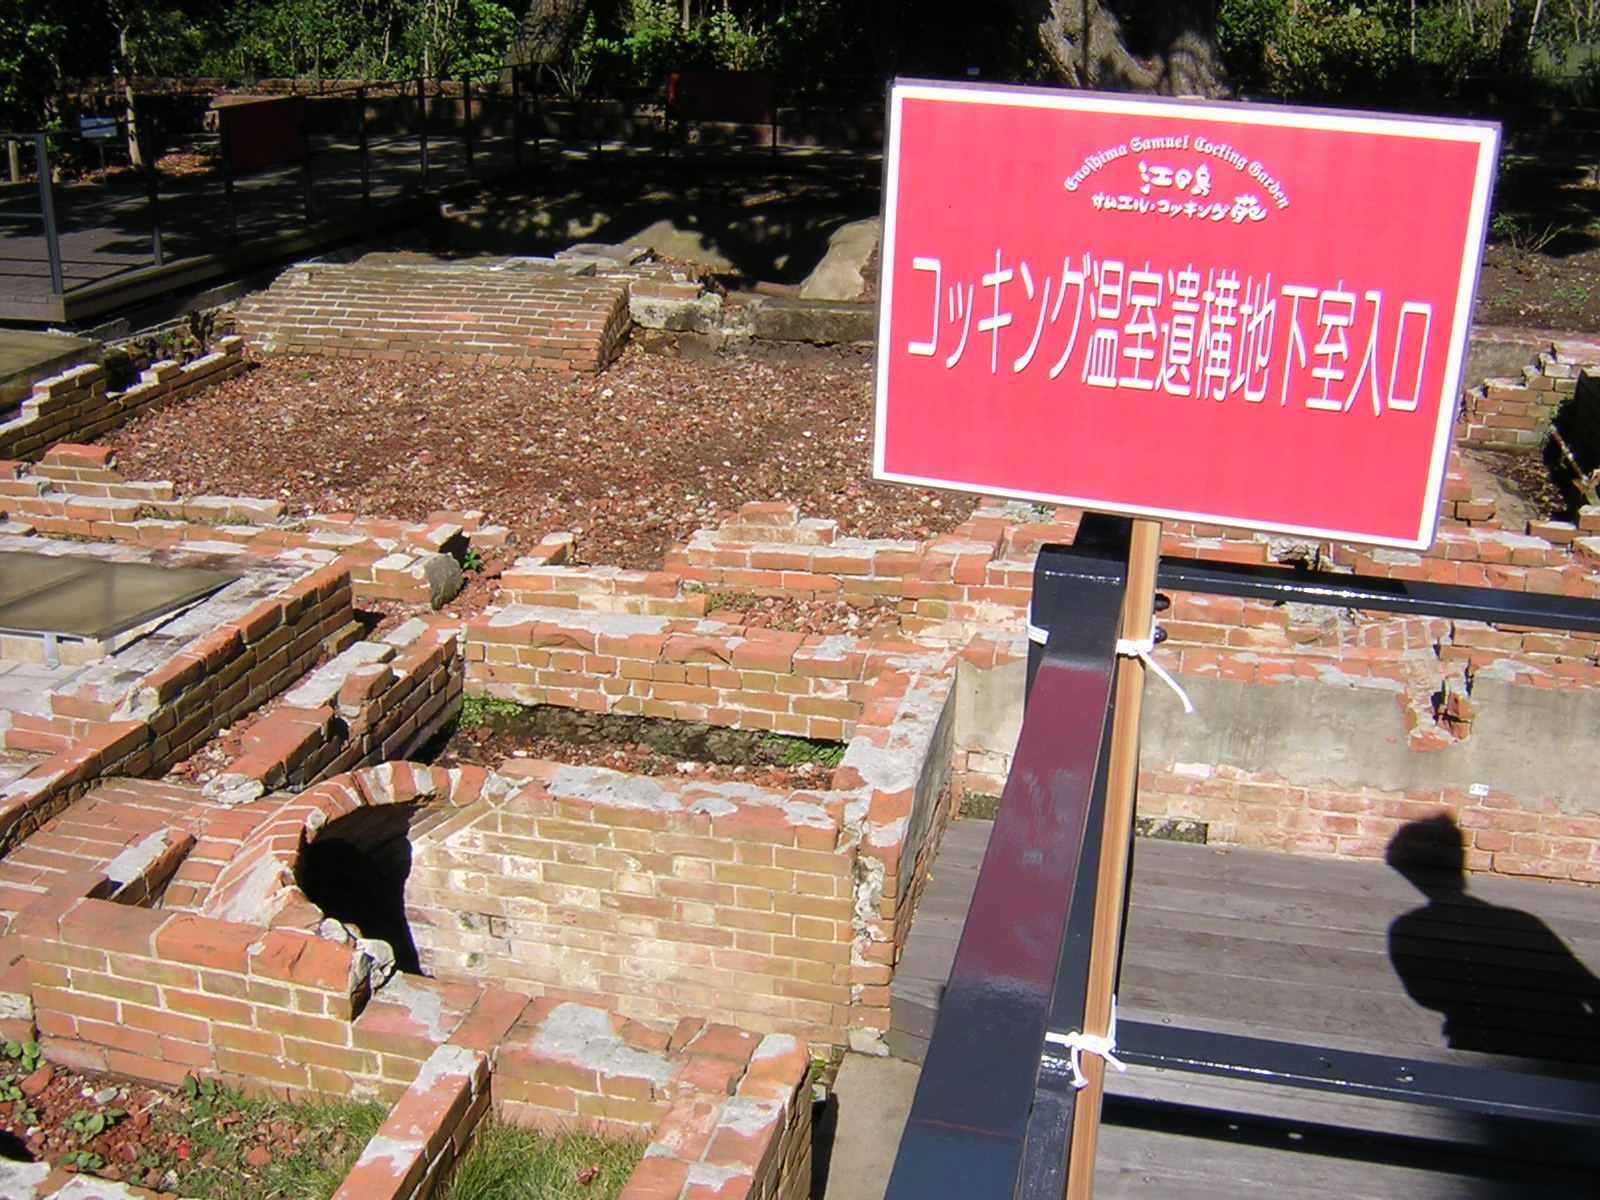 江ノ島コッキング苑